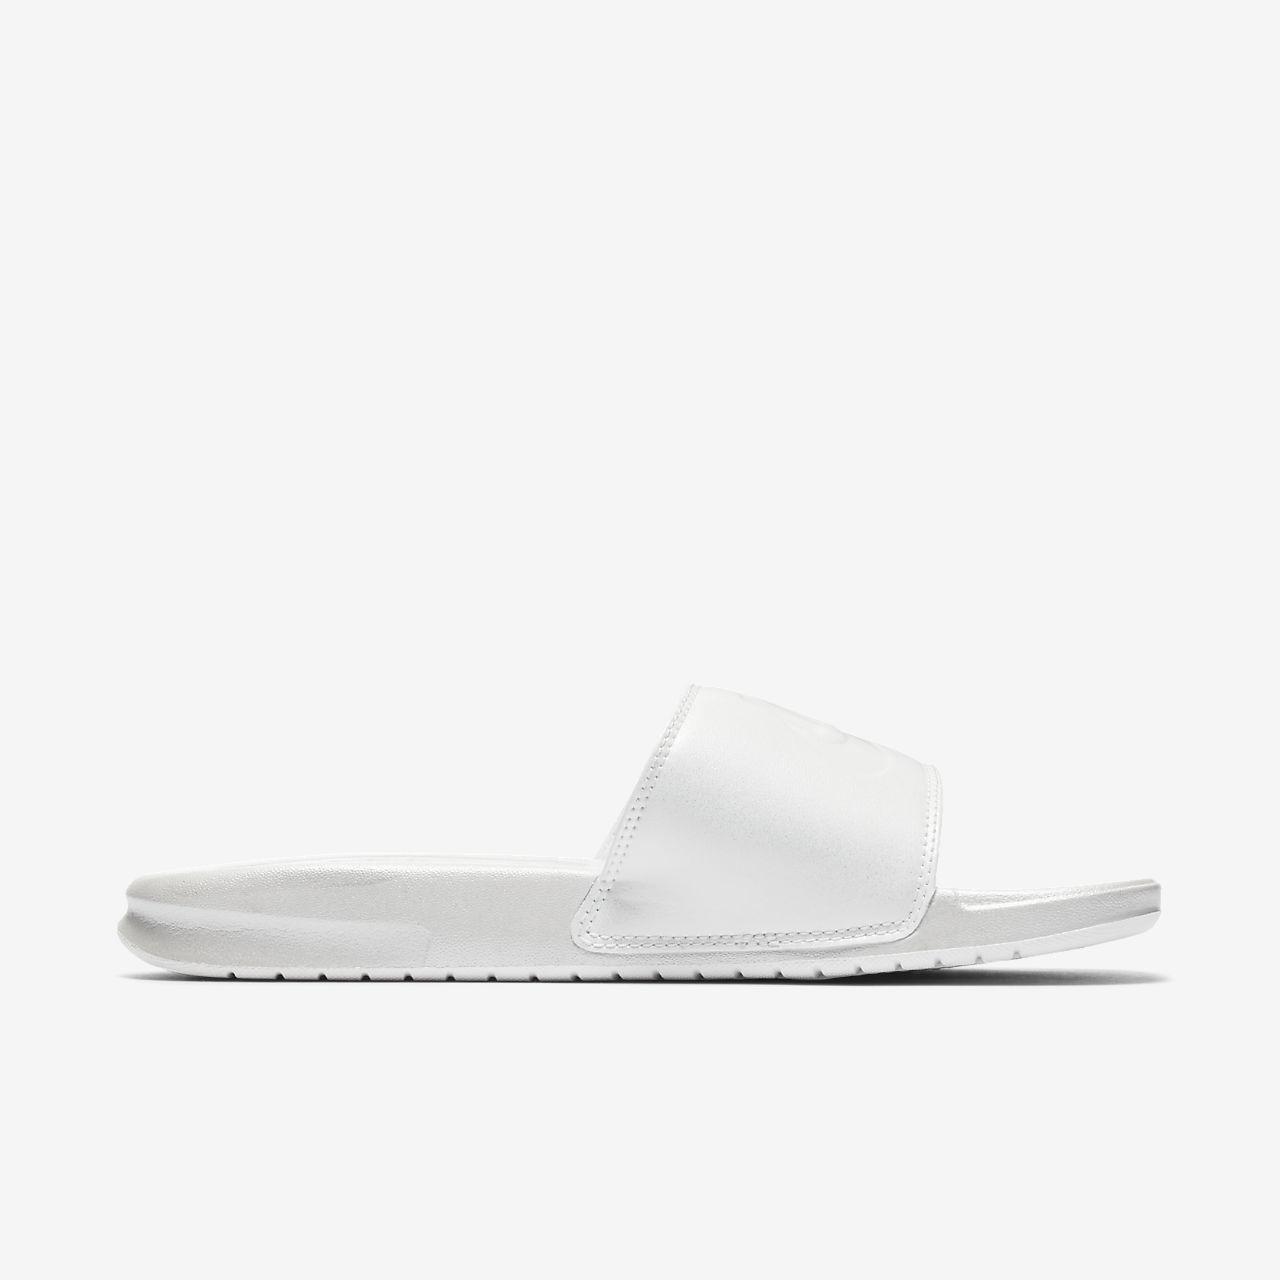 8bcd0f79887 claquette nike blanche